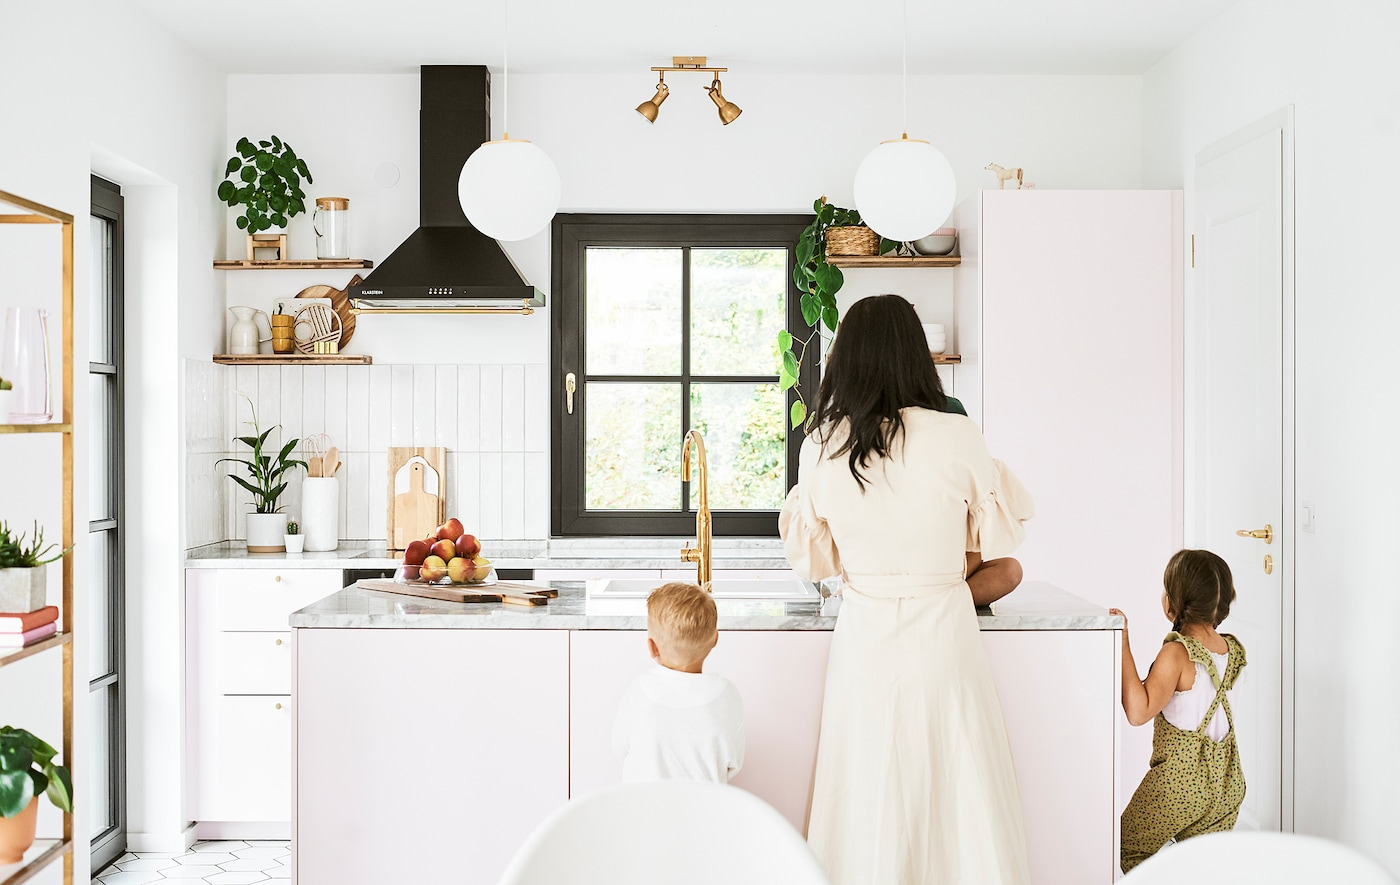 Una mamma e due bambini davanti all'isola di una cucina arredata con mobili rosa, piani di lavoro in marmo e finiture in ottone - IKEA